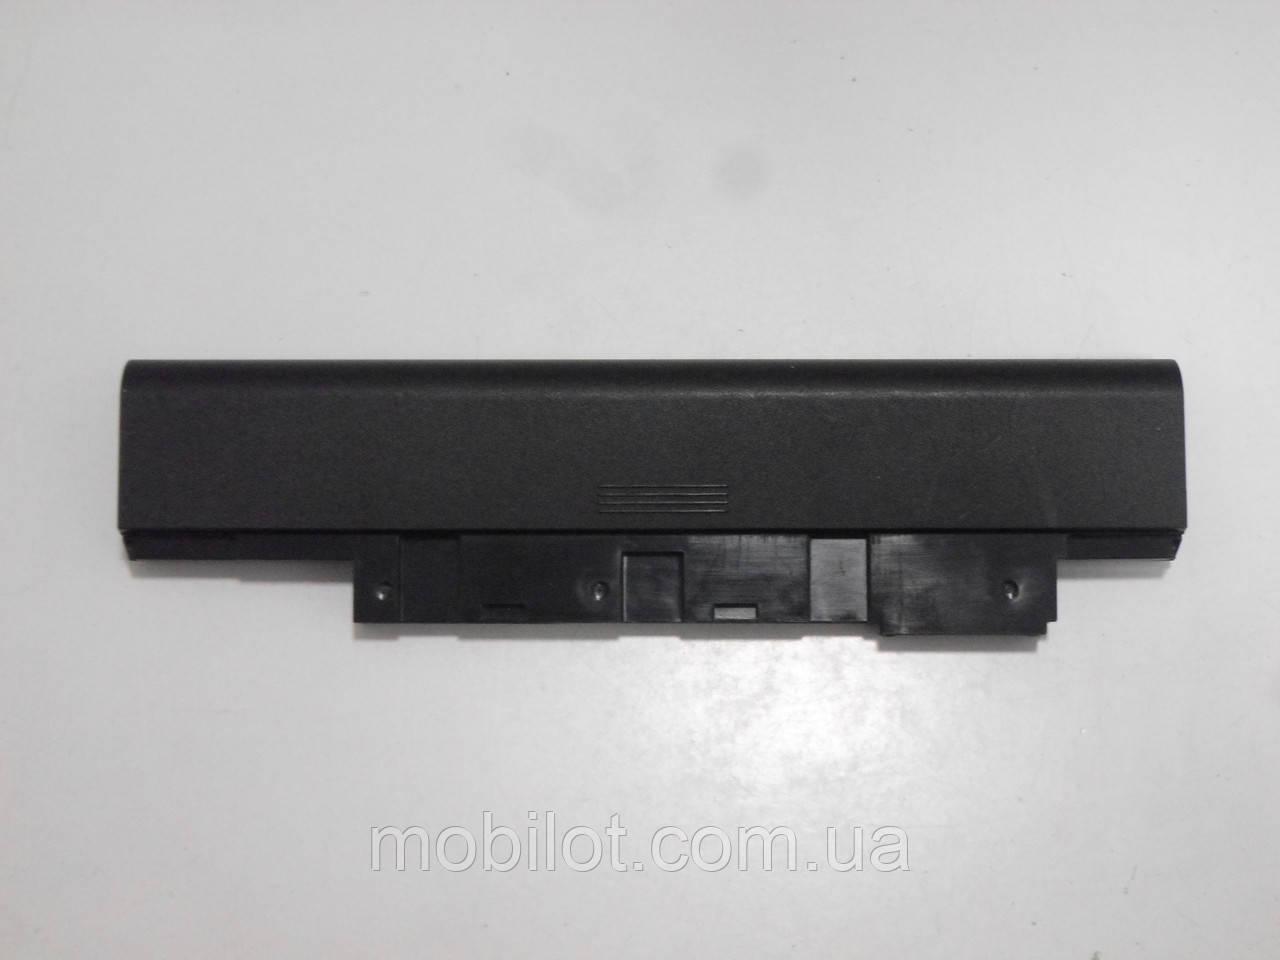 Аккумуляторная батарея Acer 355 (NZ-8317)